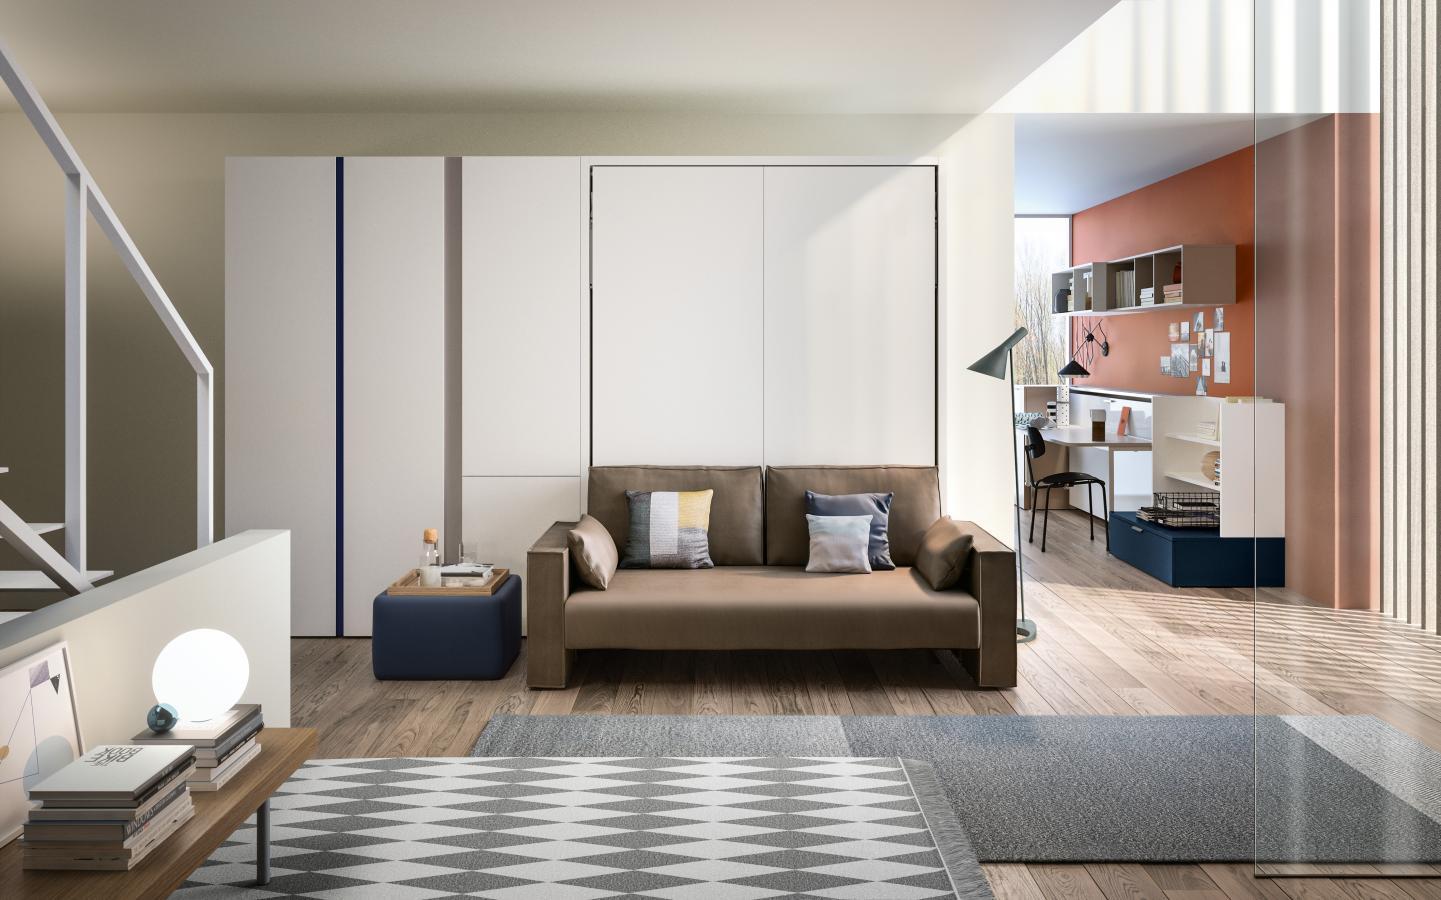 מיטת קיר משולבת עם מערכת ישיבה